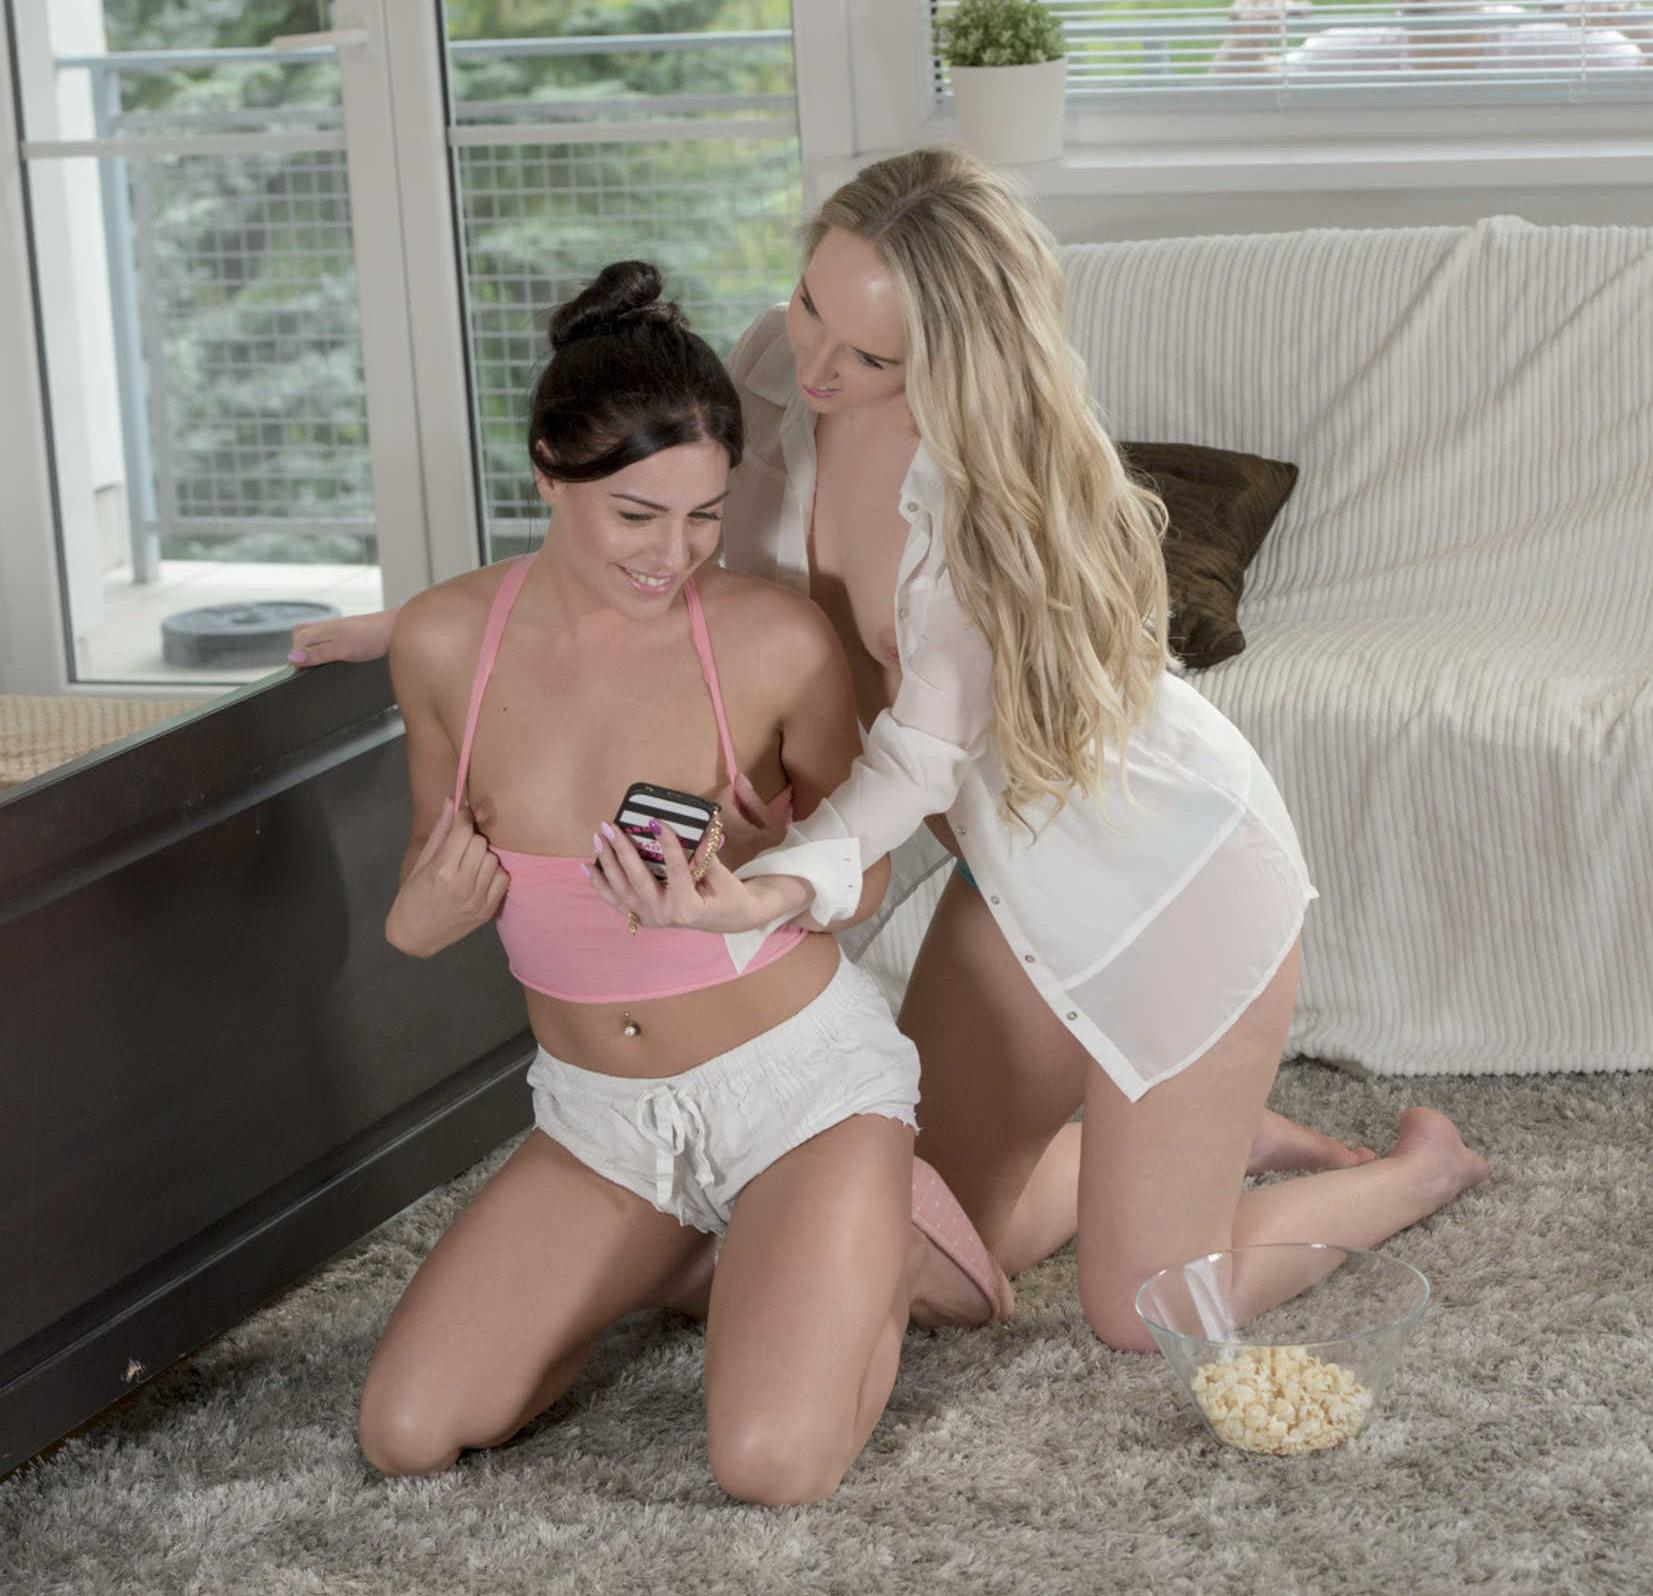 Eveline Della y Jenny Simons - una verga para sus conchitas